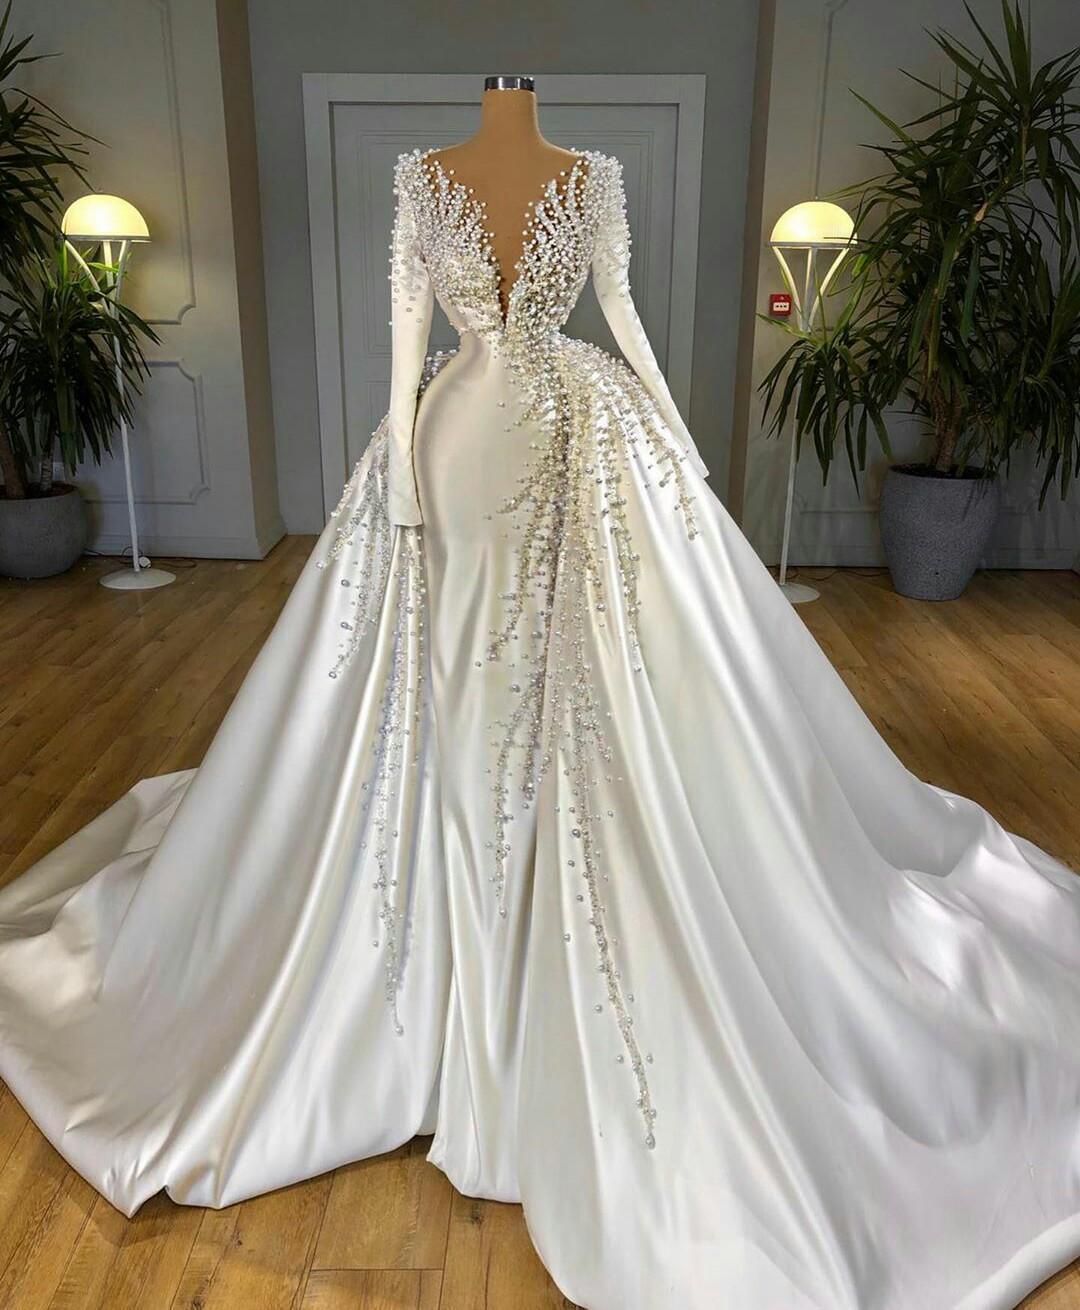 Las perlas magníficas vestidos de boda de la sirena de satén con manga desmontable del tren largo cuello en V vestidos de novia vestido de novia con cuentas de cristal